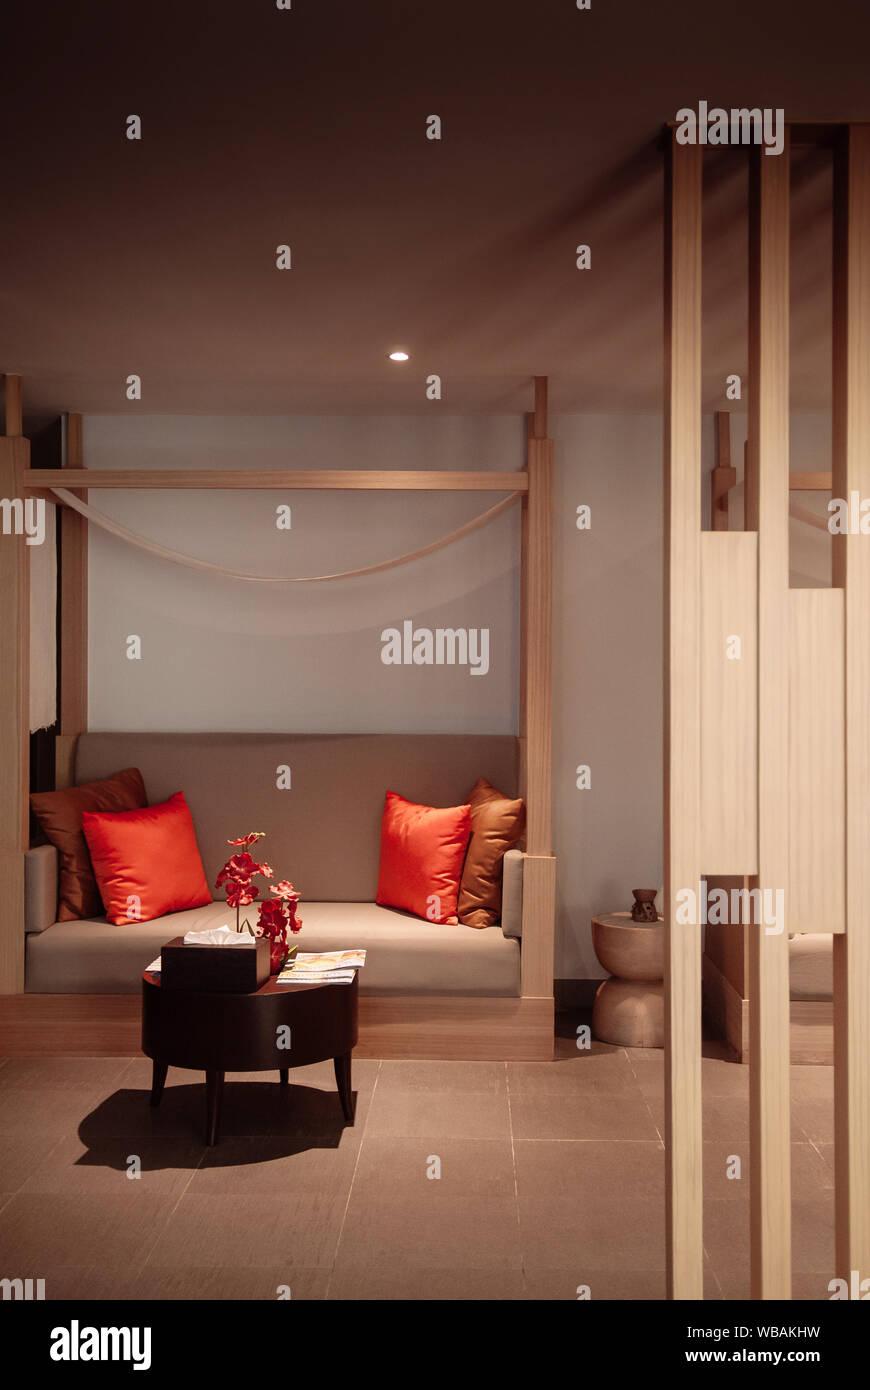 Swell Aug 6 2014 Hua Hin Thailand Colourful Modern Furniture Machost Co Dining Chair Design Ideas Machostcouk